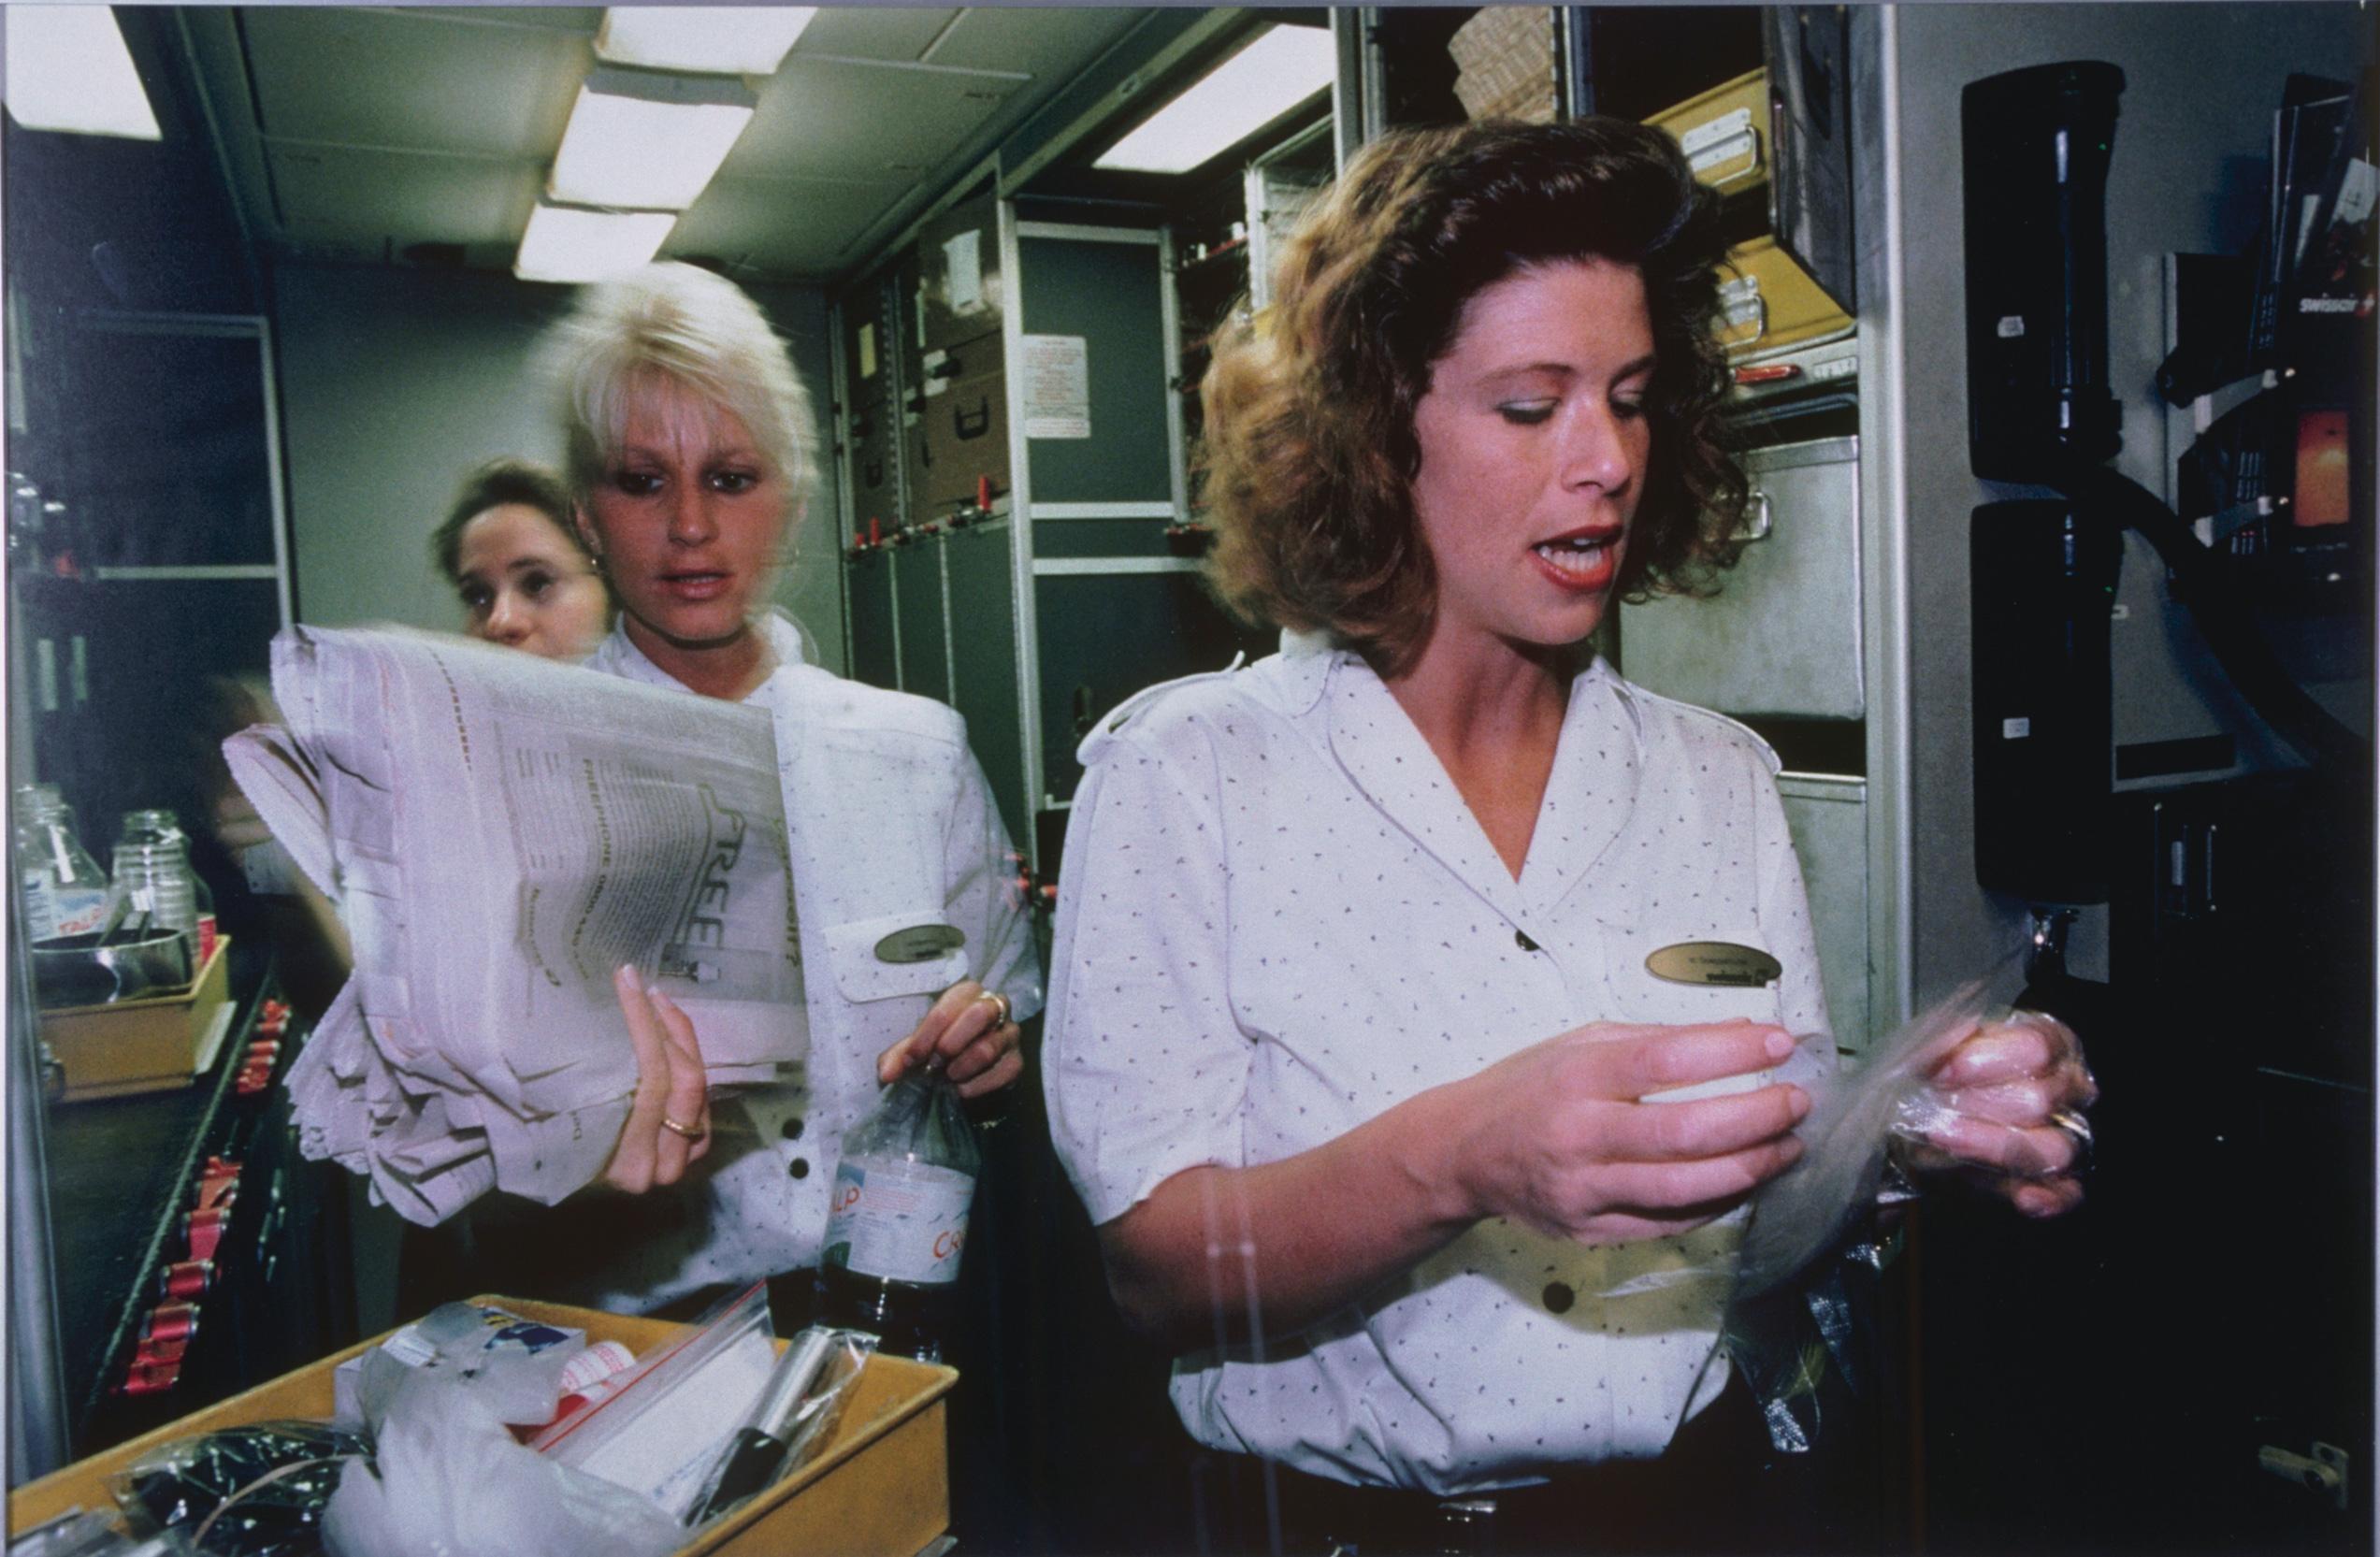 La photo montre trois femmes avec des chemisiers blancs. Une femme tient un journal et une bouteille d'eau et une autre tient quelque chose enveloppé dans du plastique. EIles portent également un badge doré.